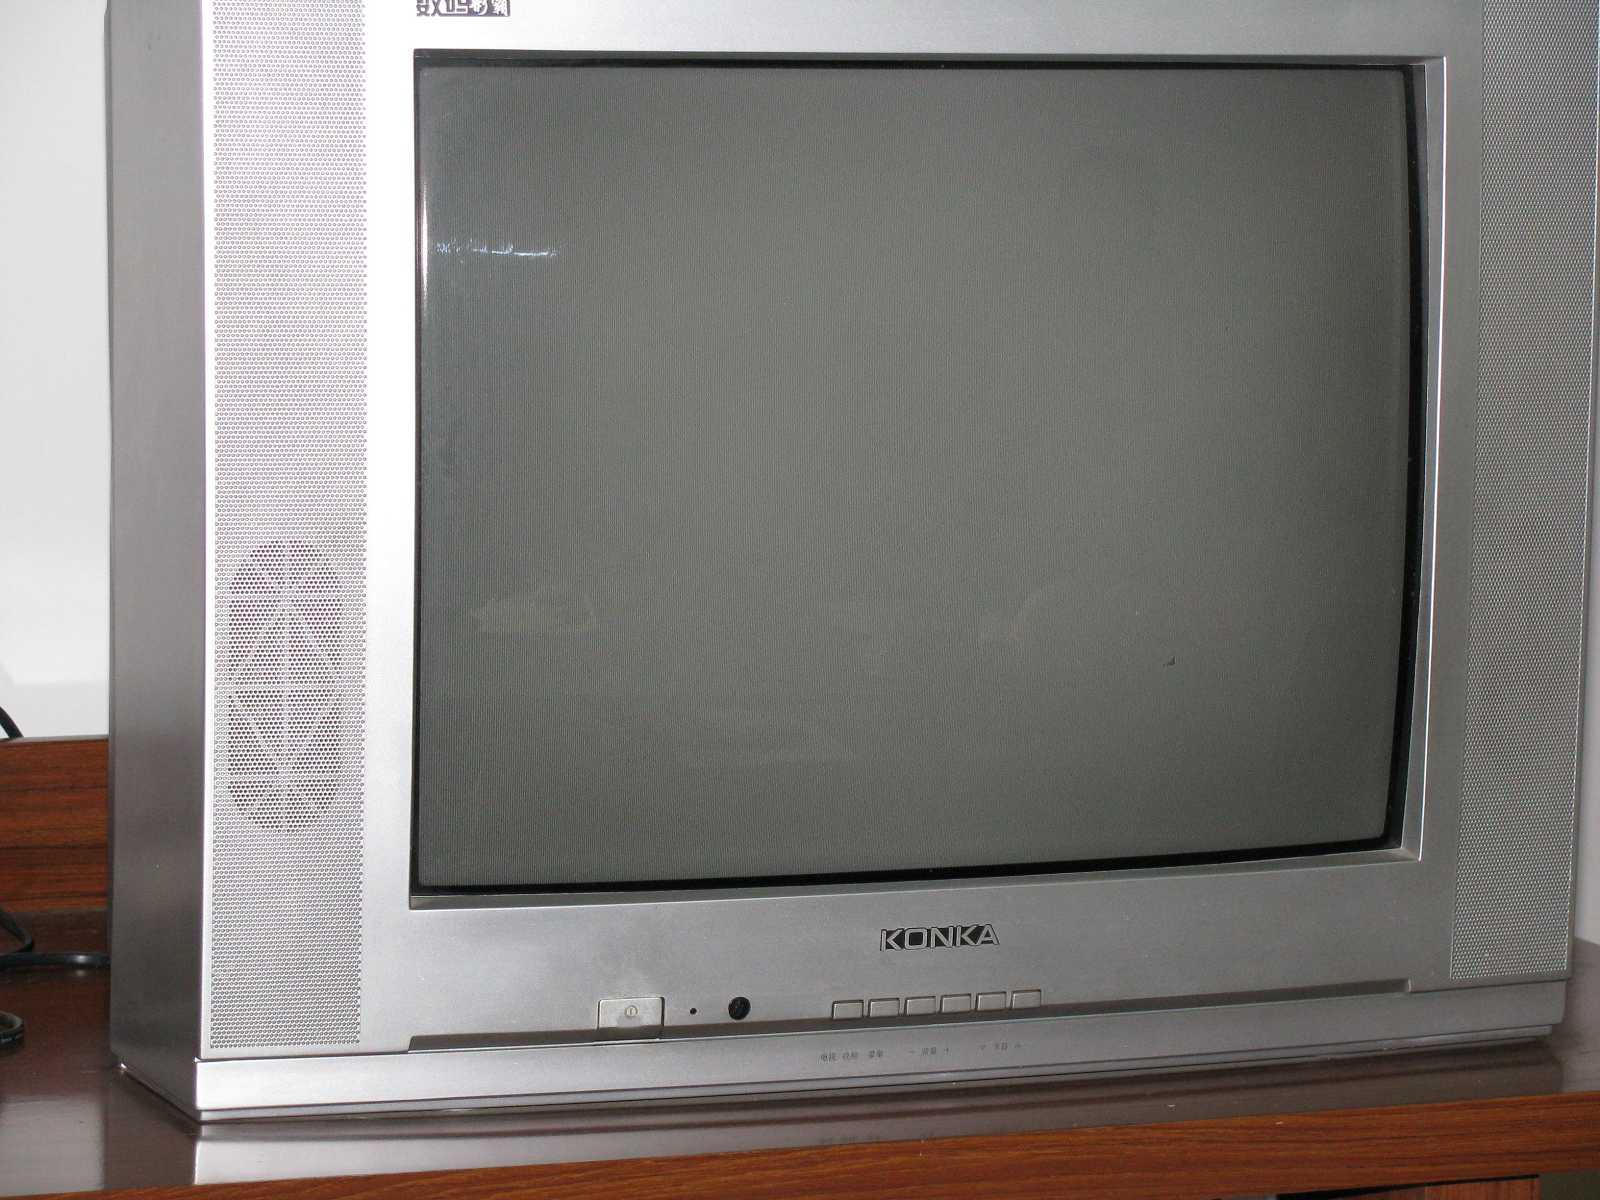 > 转让自用21寸康佳电视机